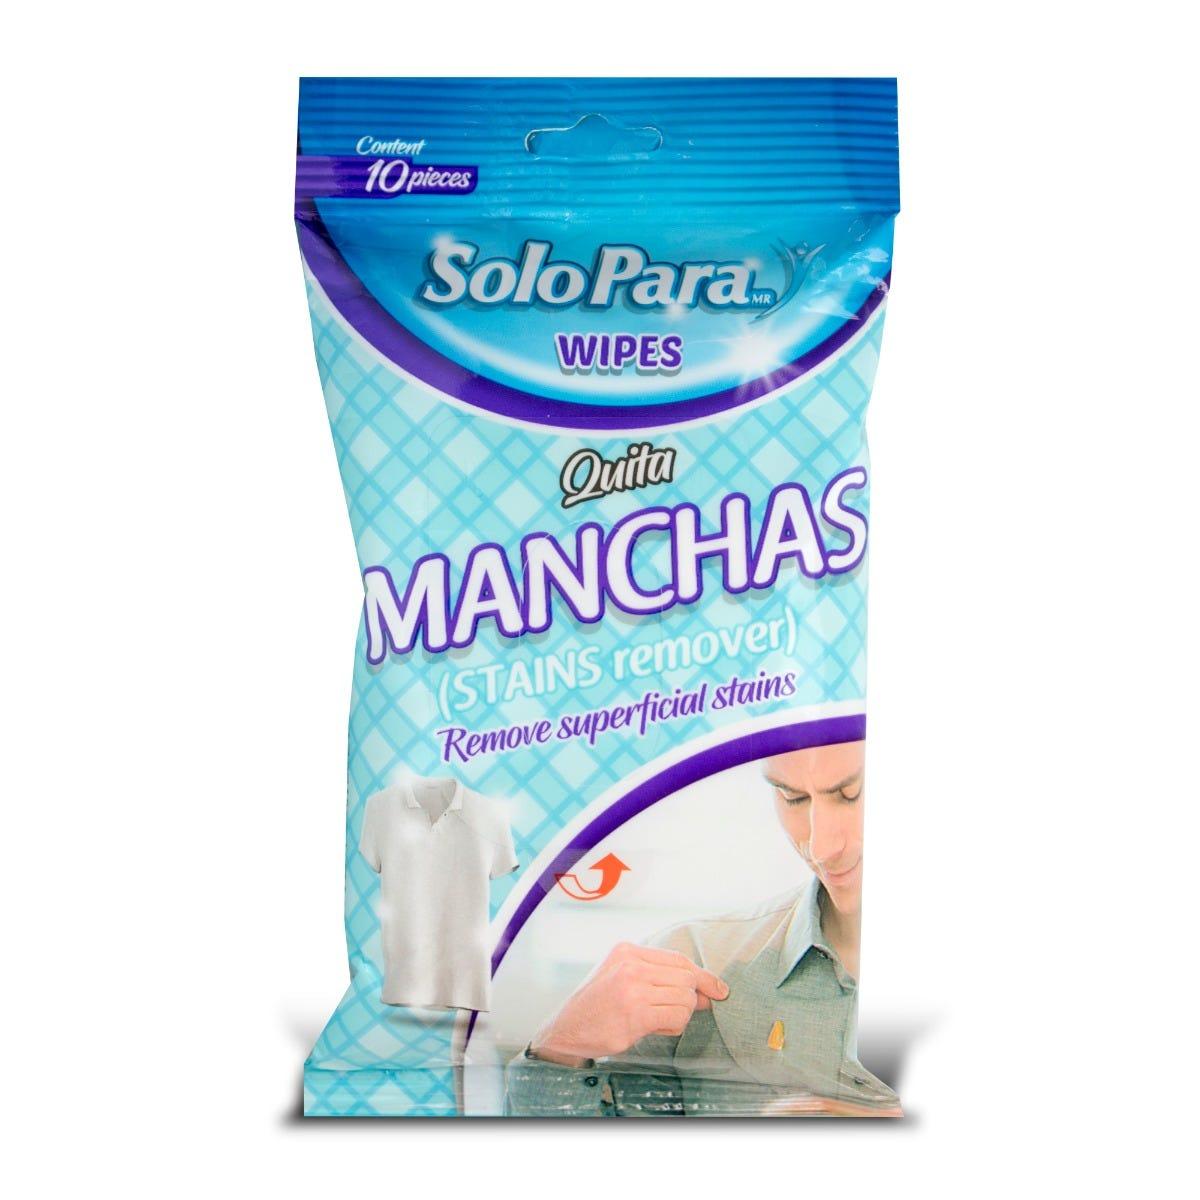 Toallitas húmedas para remover manchas SoloPara®